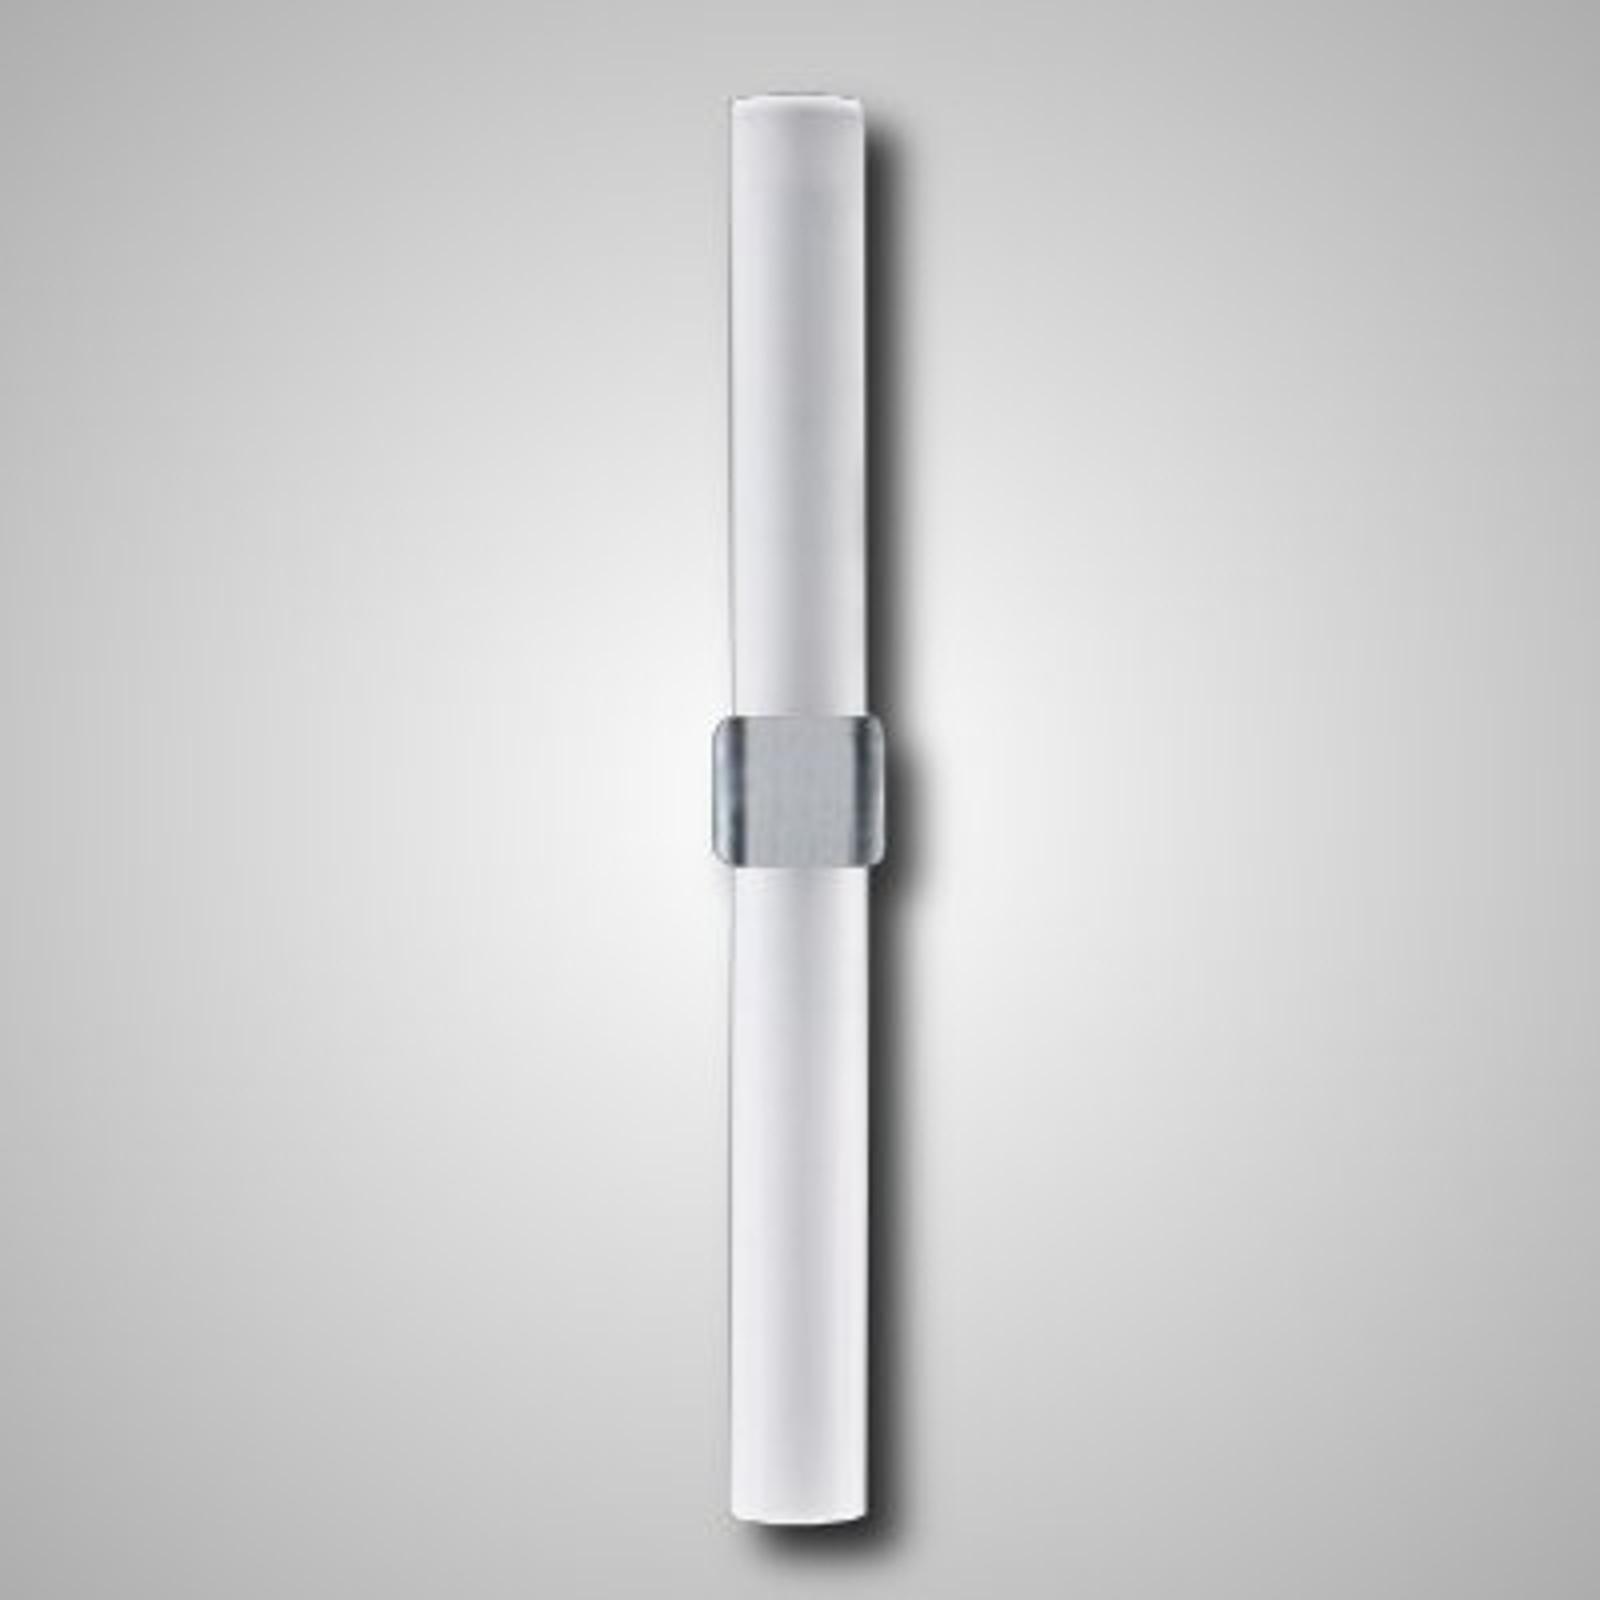 Glas-Wandleuchte Stick IP44